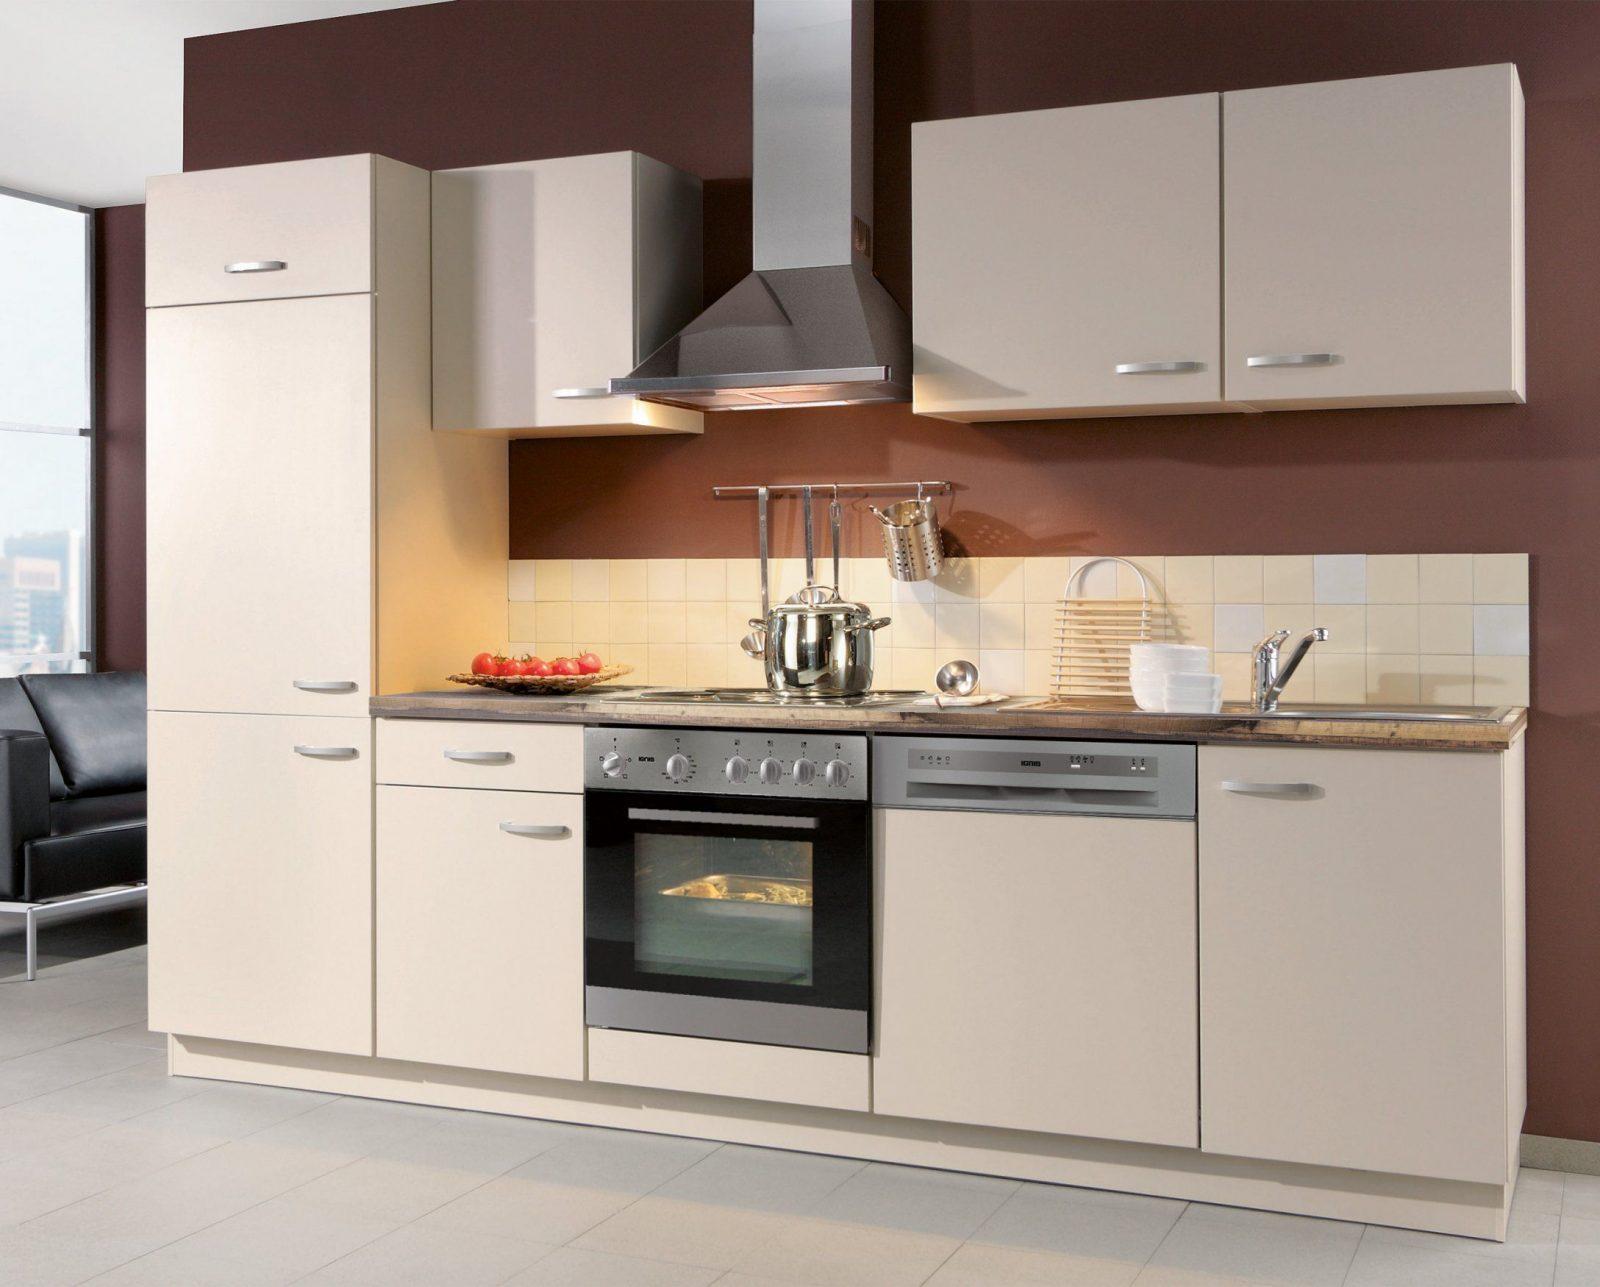 Kuchenzeile Mit Geschirrspuler Ohne Kuhlschrank Haus Ideen Von